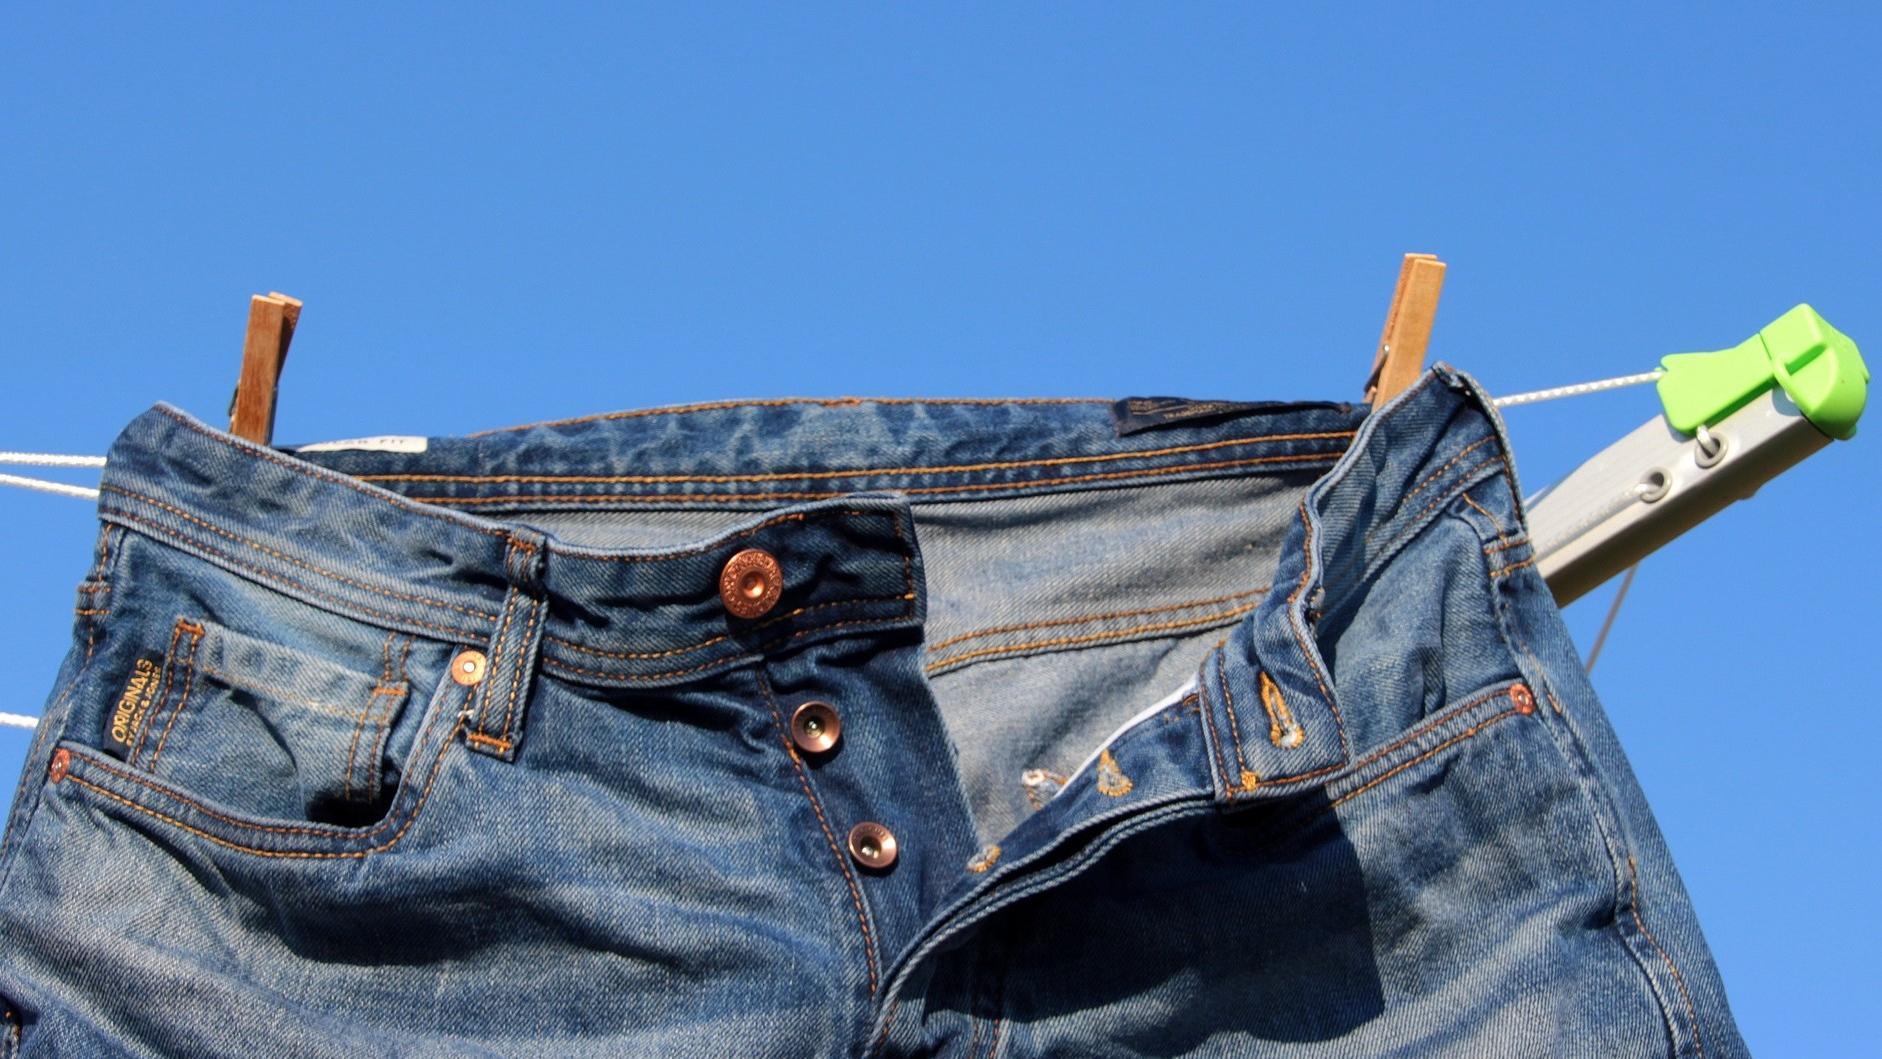 Jeans aufpeppen: Tolle Tipps und Tricks